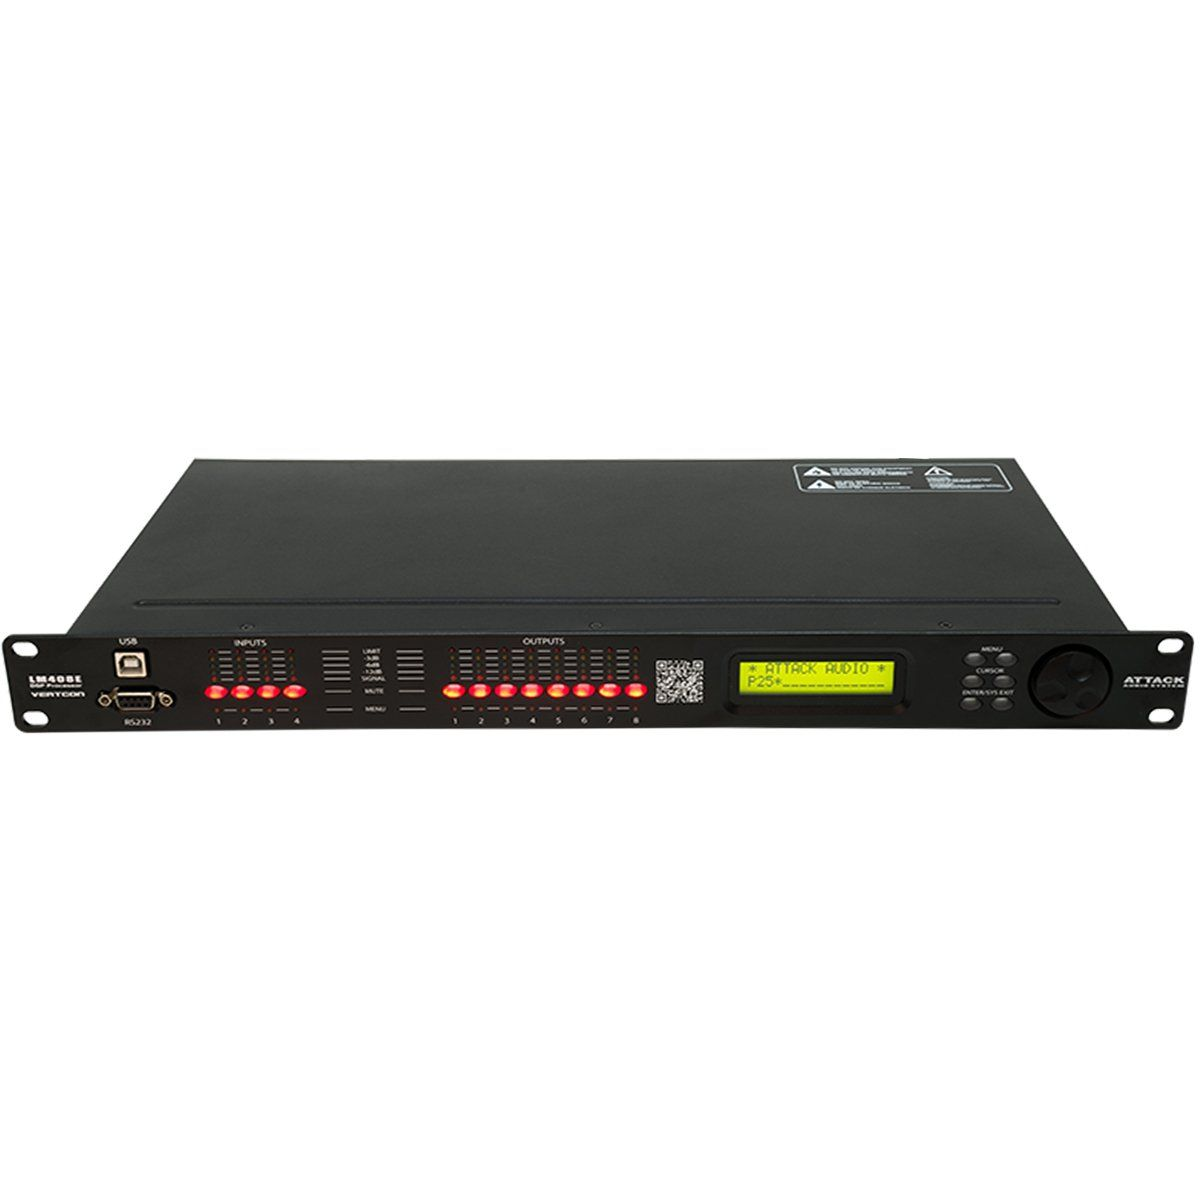 Processador de Áudio 24 Bits c/ USB / Ethernet LM 408 E - Attack